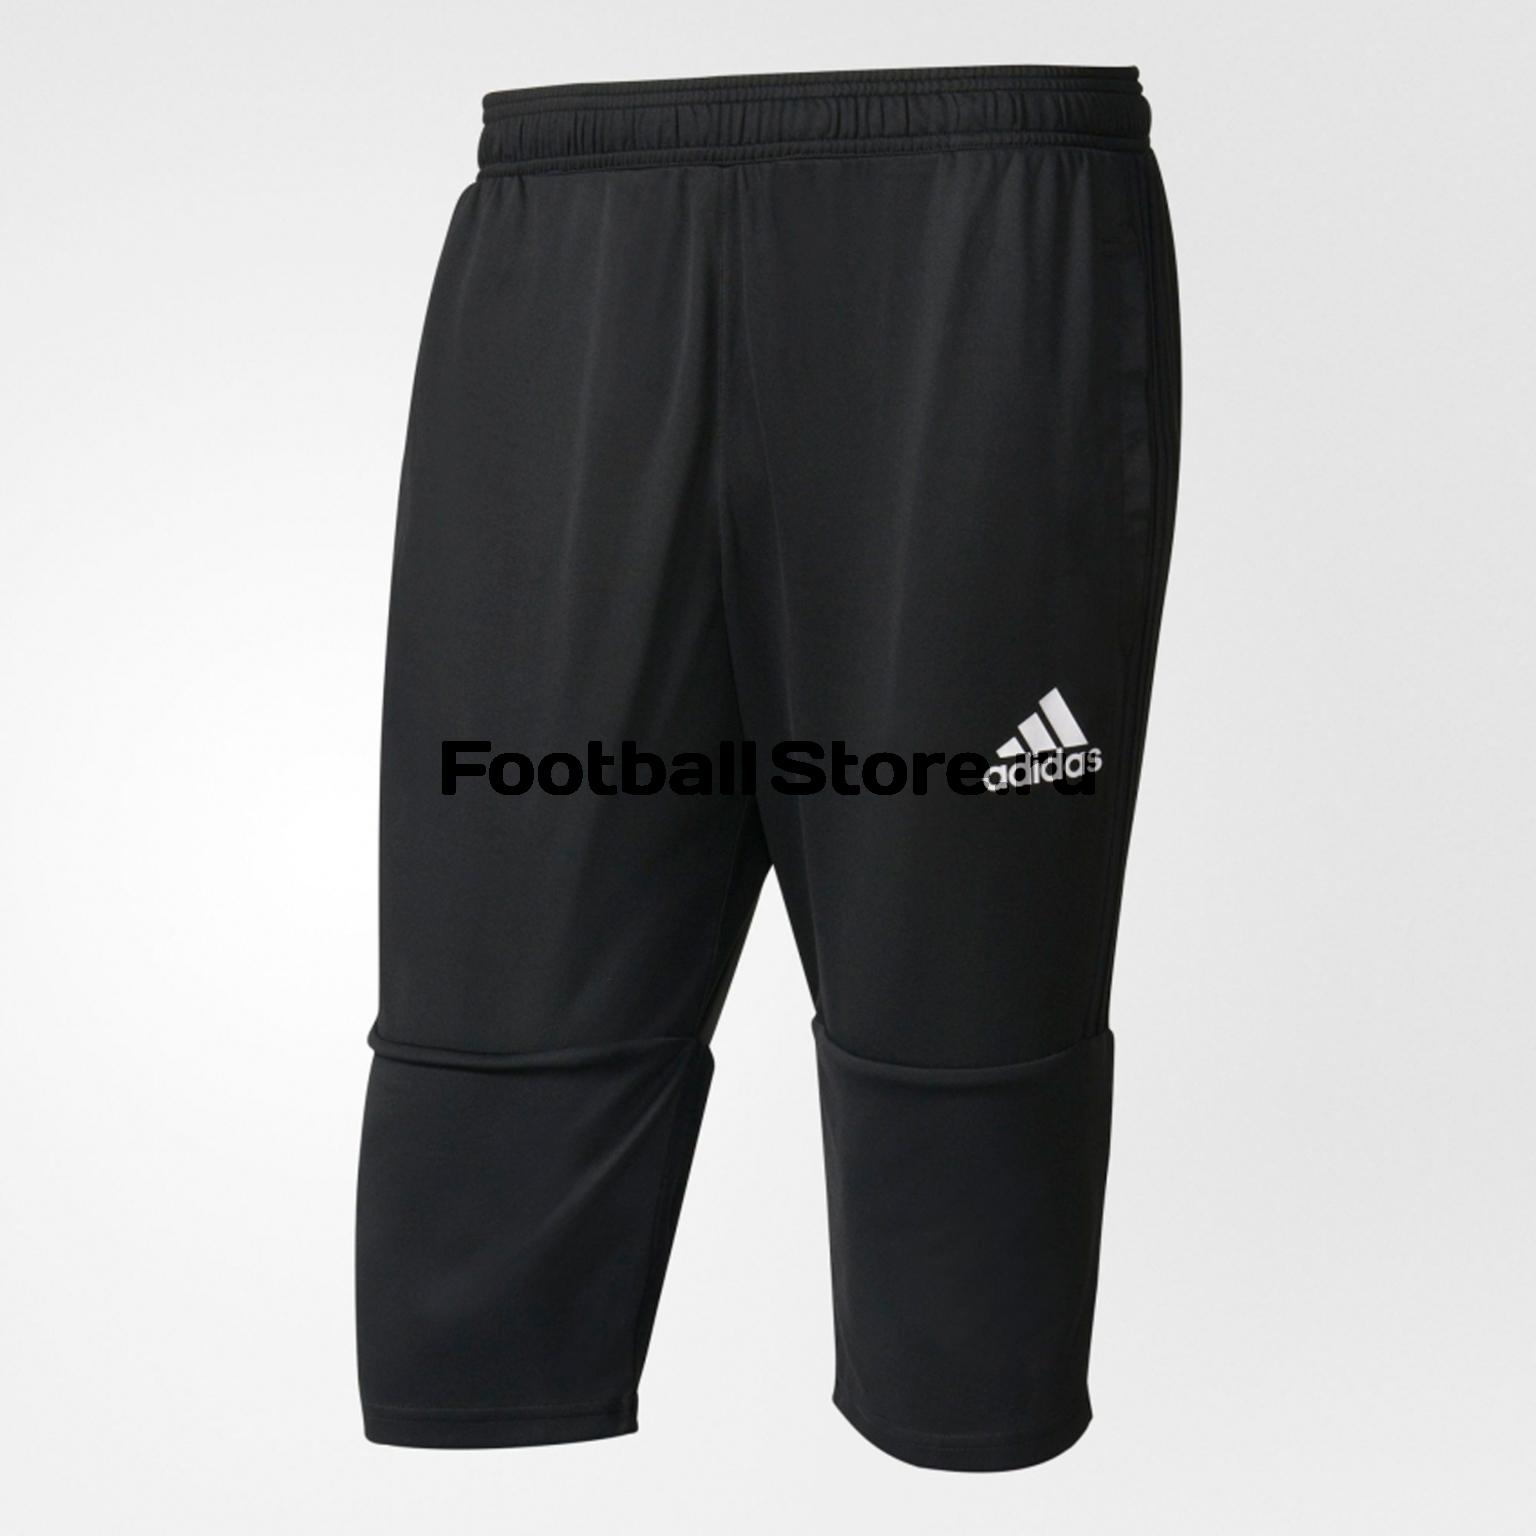 Брюки Adidas Брюки тренировочные Adidas Tiro17 3/4 PNT AY2879 брюки adidas брюки тренировочные adidas tiro17 3 4 pnt ay2879